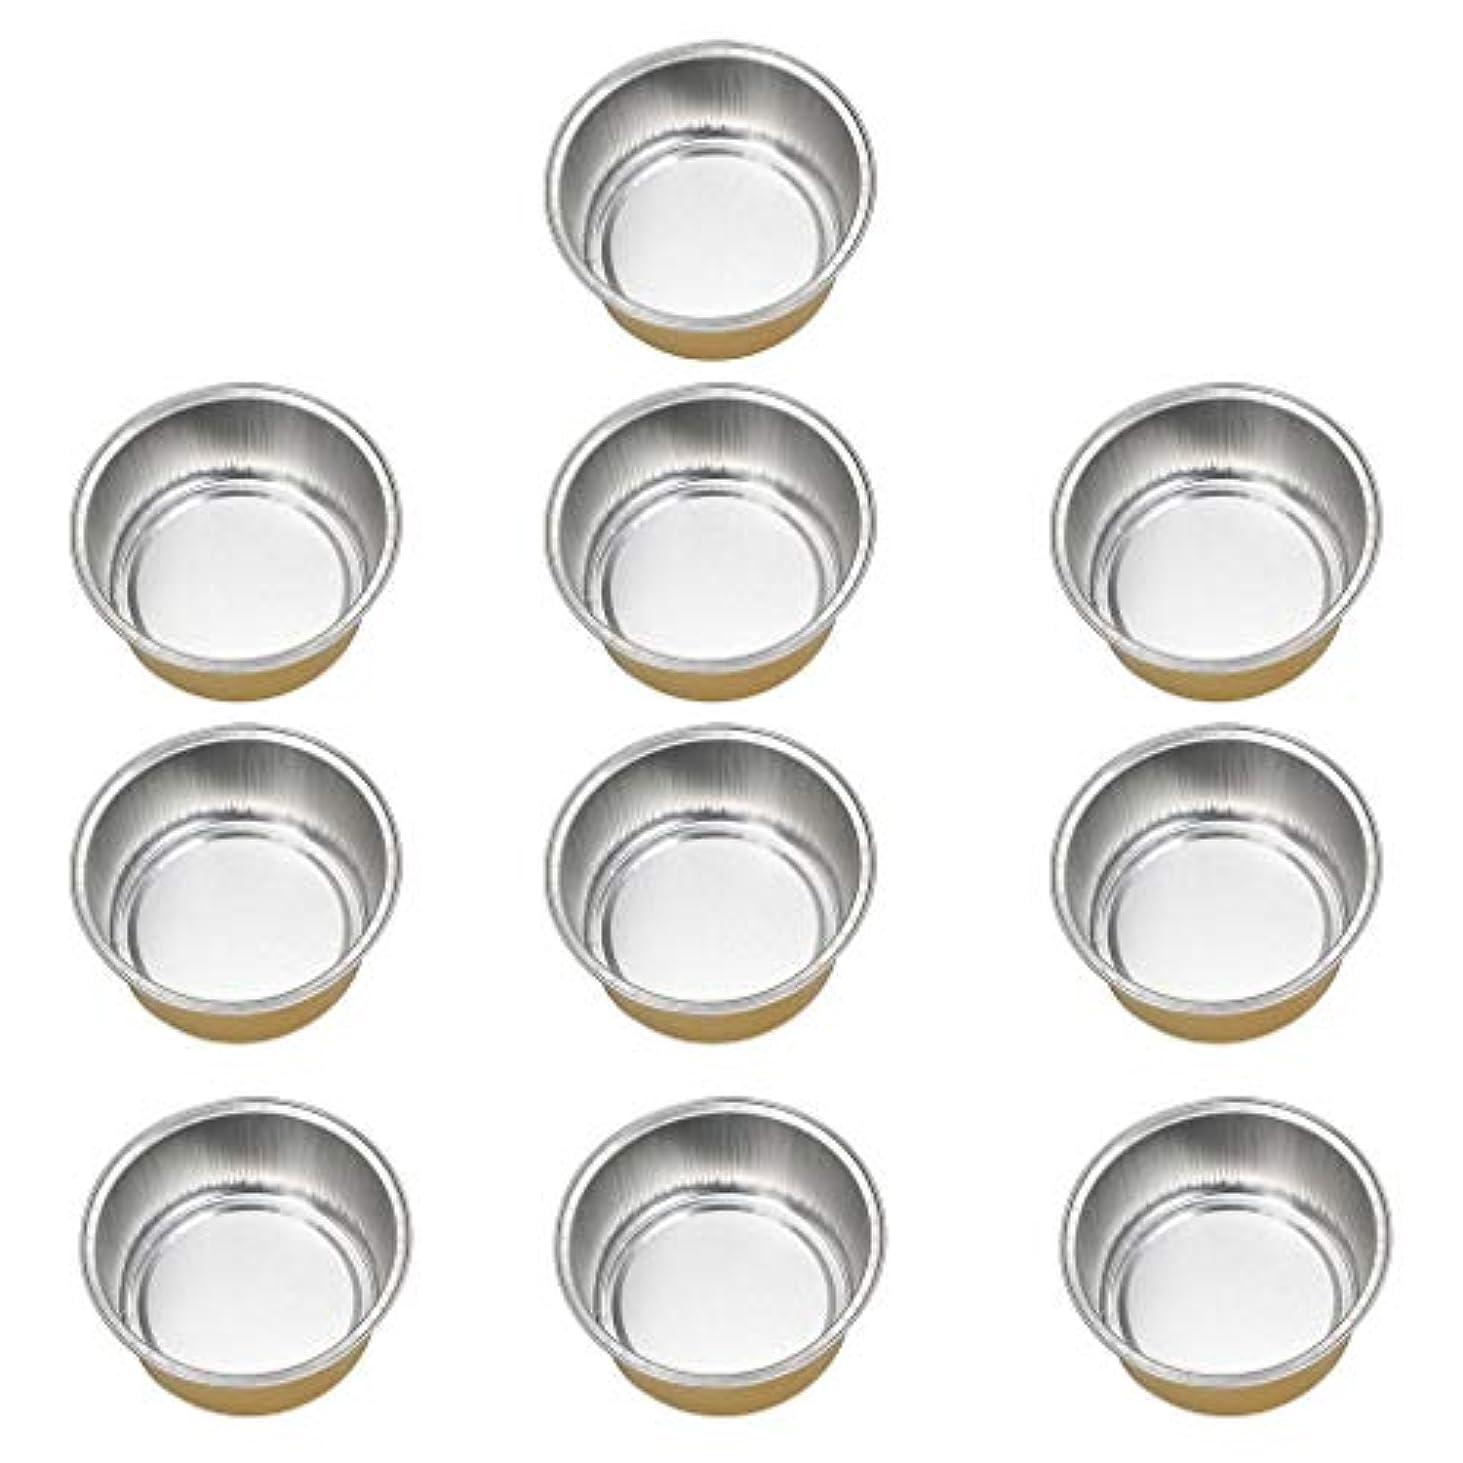 管理するアラブ大理石FLAMEER 10個 ワックスボウル ミニボウル アルミホイルボウル ワックス豆体 溶融 衛生的 2種選ぶ - ゴールデン2, 02